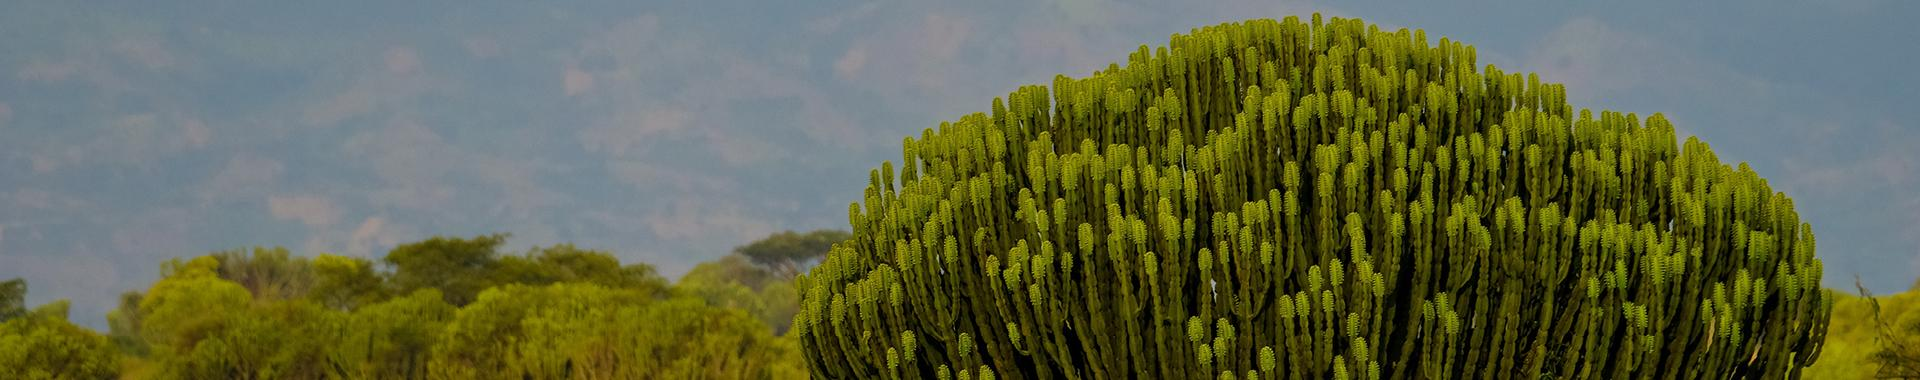 Cactus. Photo by Francesco Ungaro on Unsplash